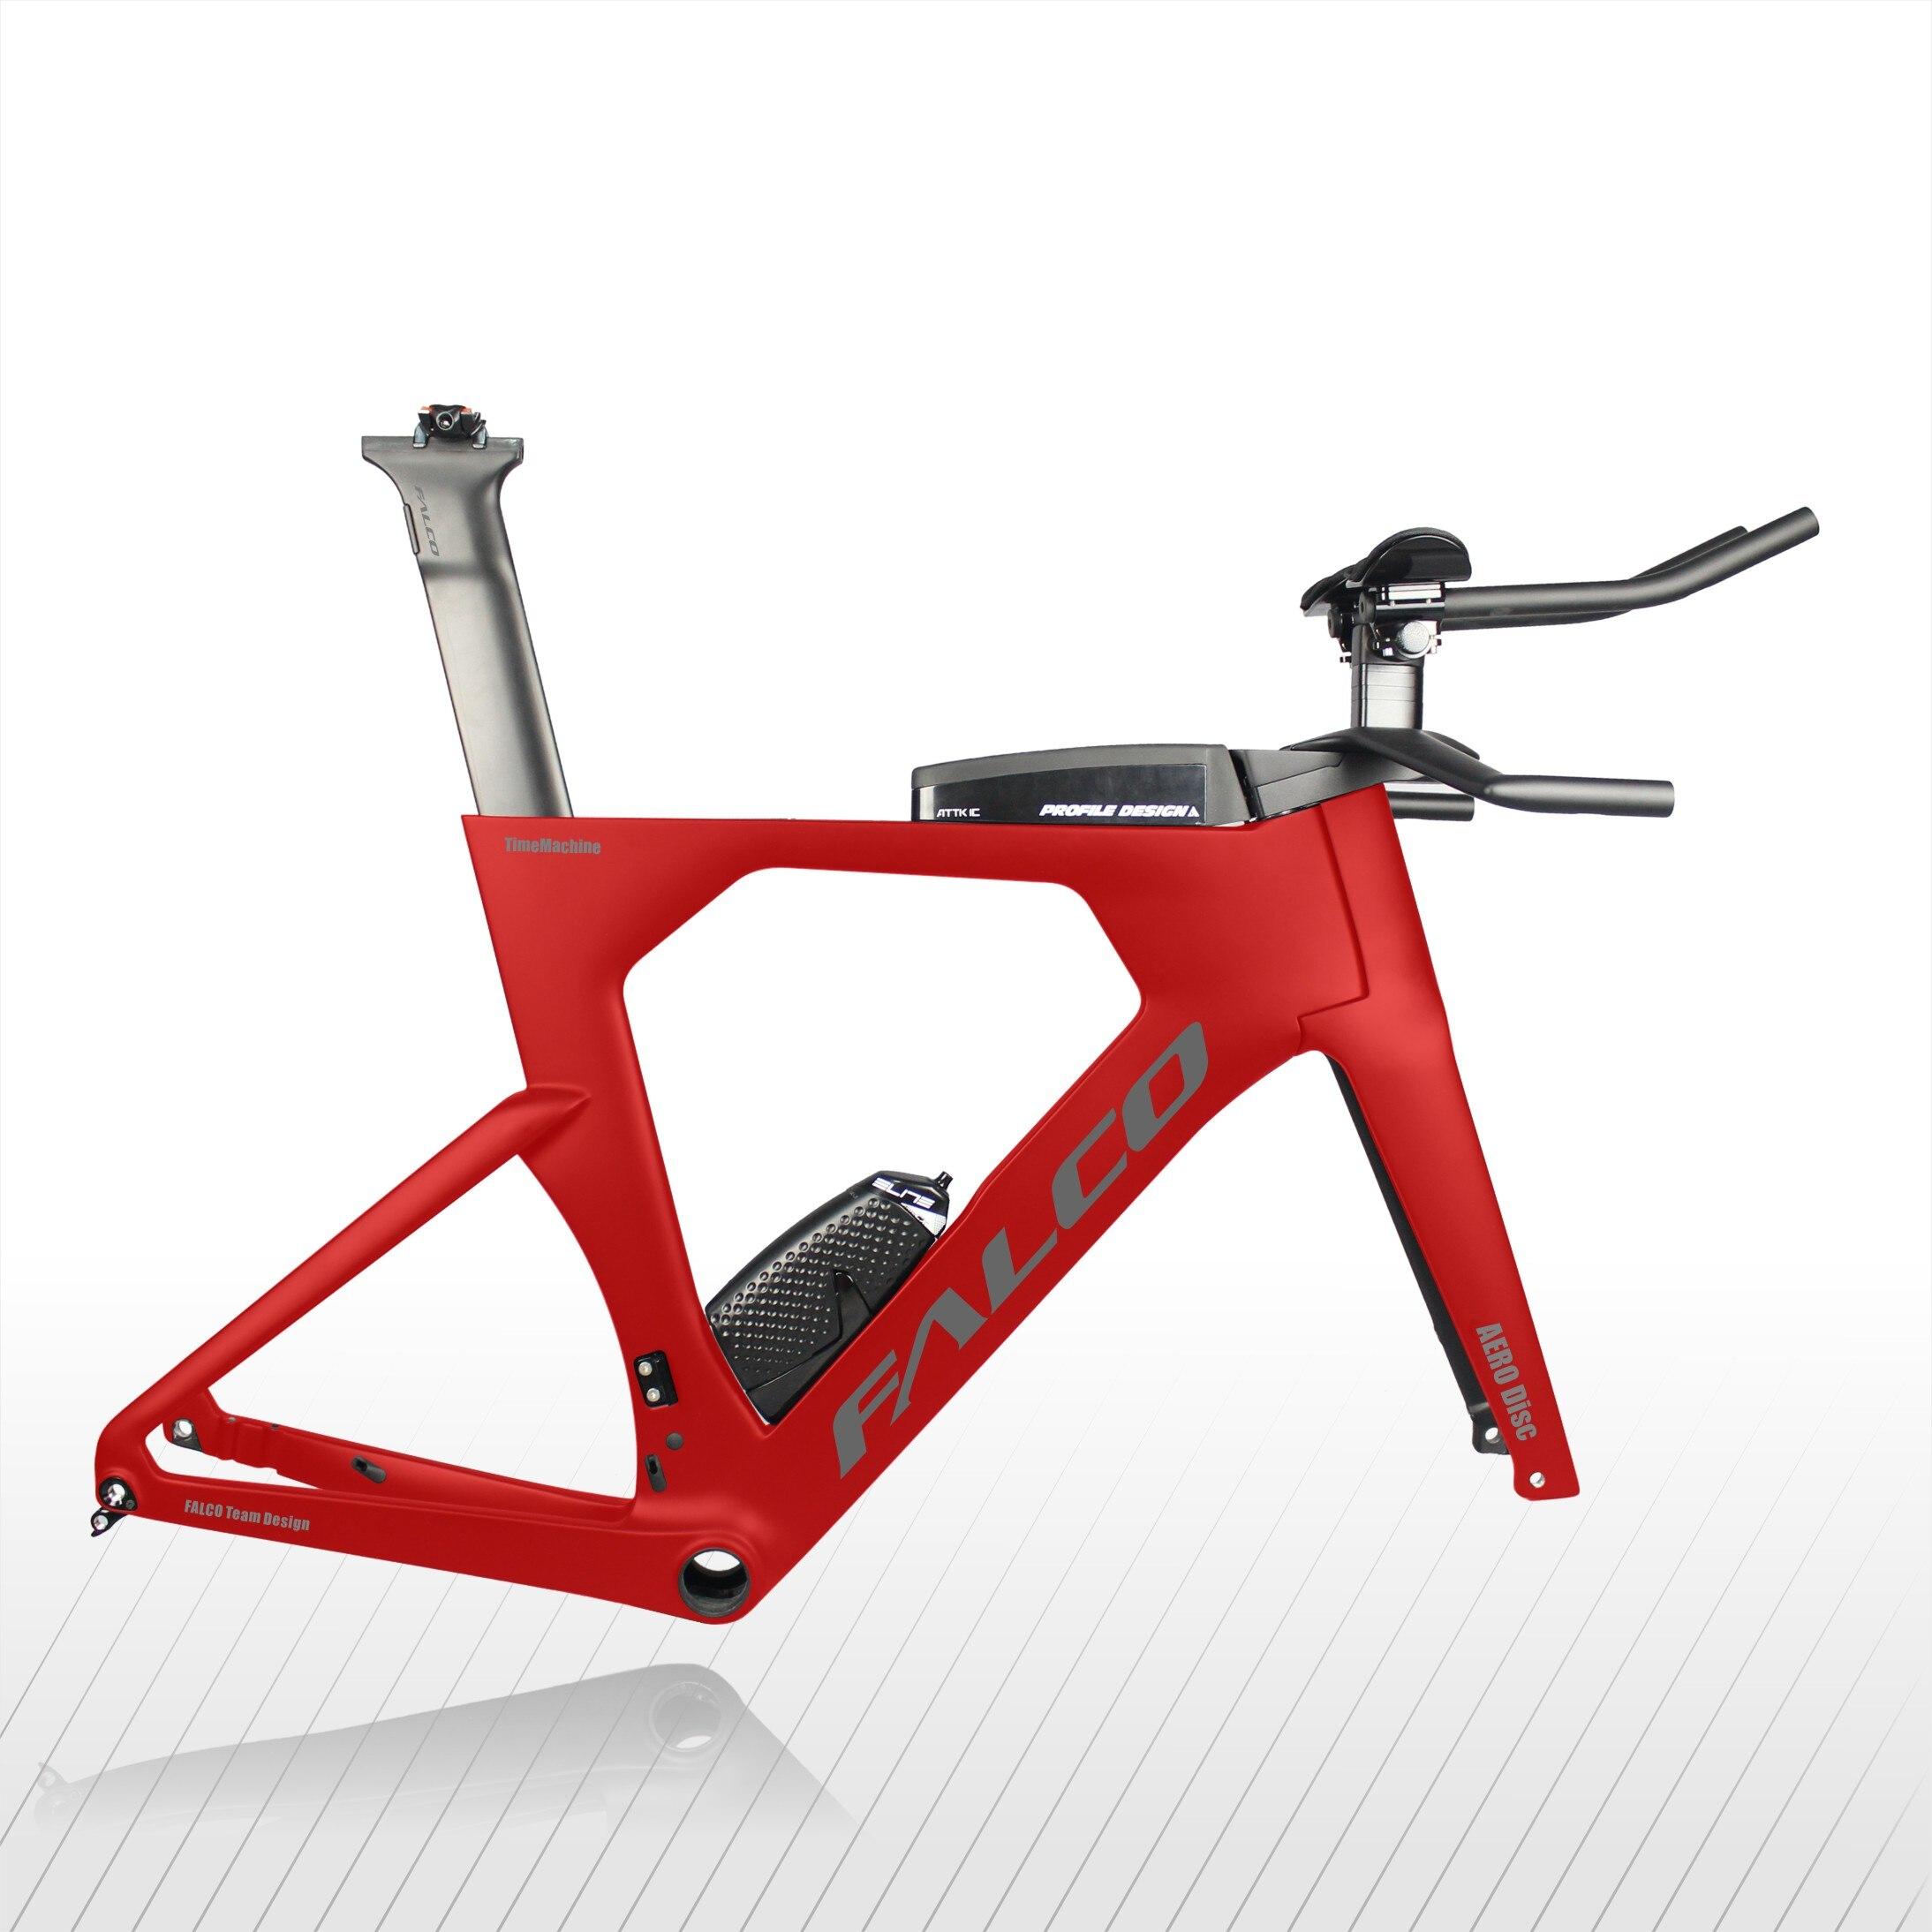 Китайский Топ Дизайн диск Триатлон велосипедная Рама карбоновый диск время пробный TT Frameset TT912